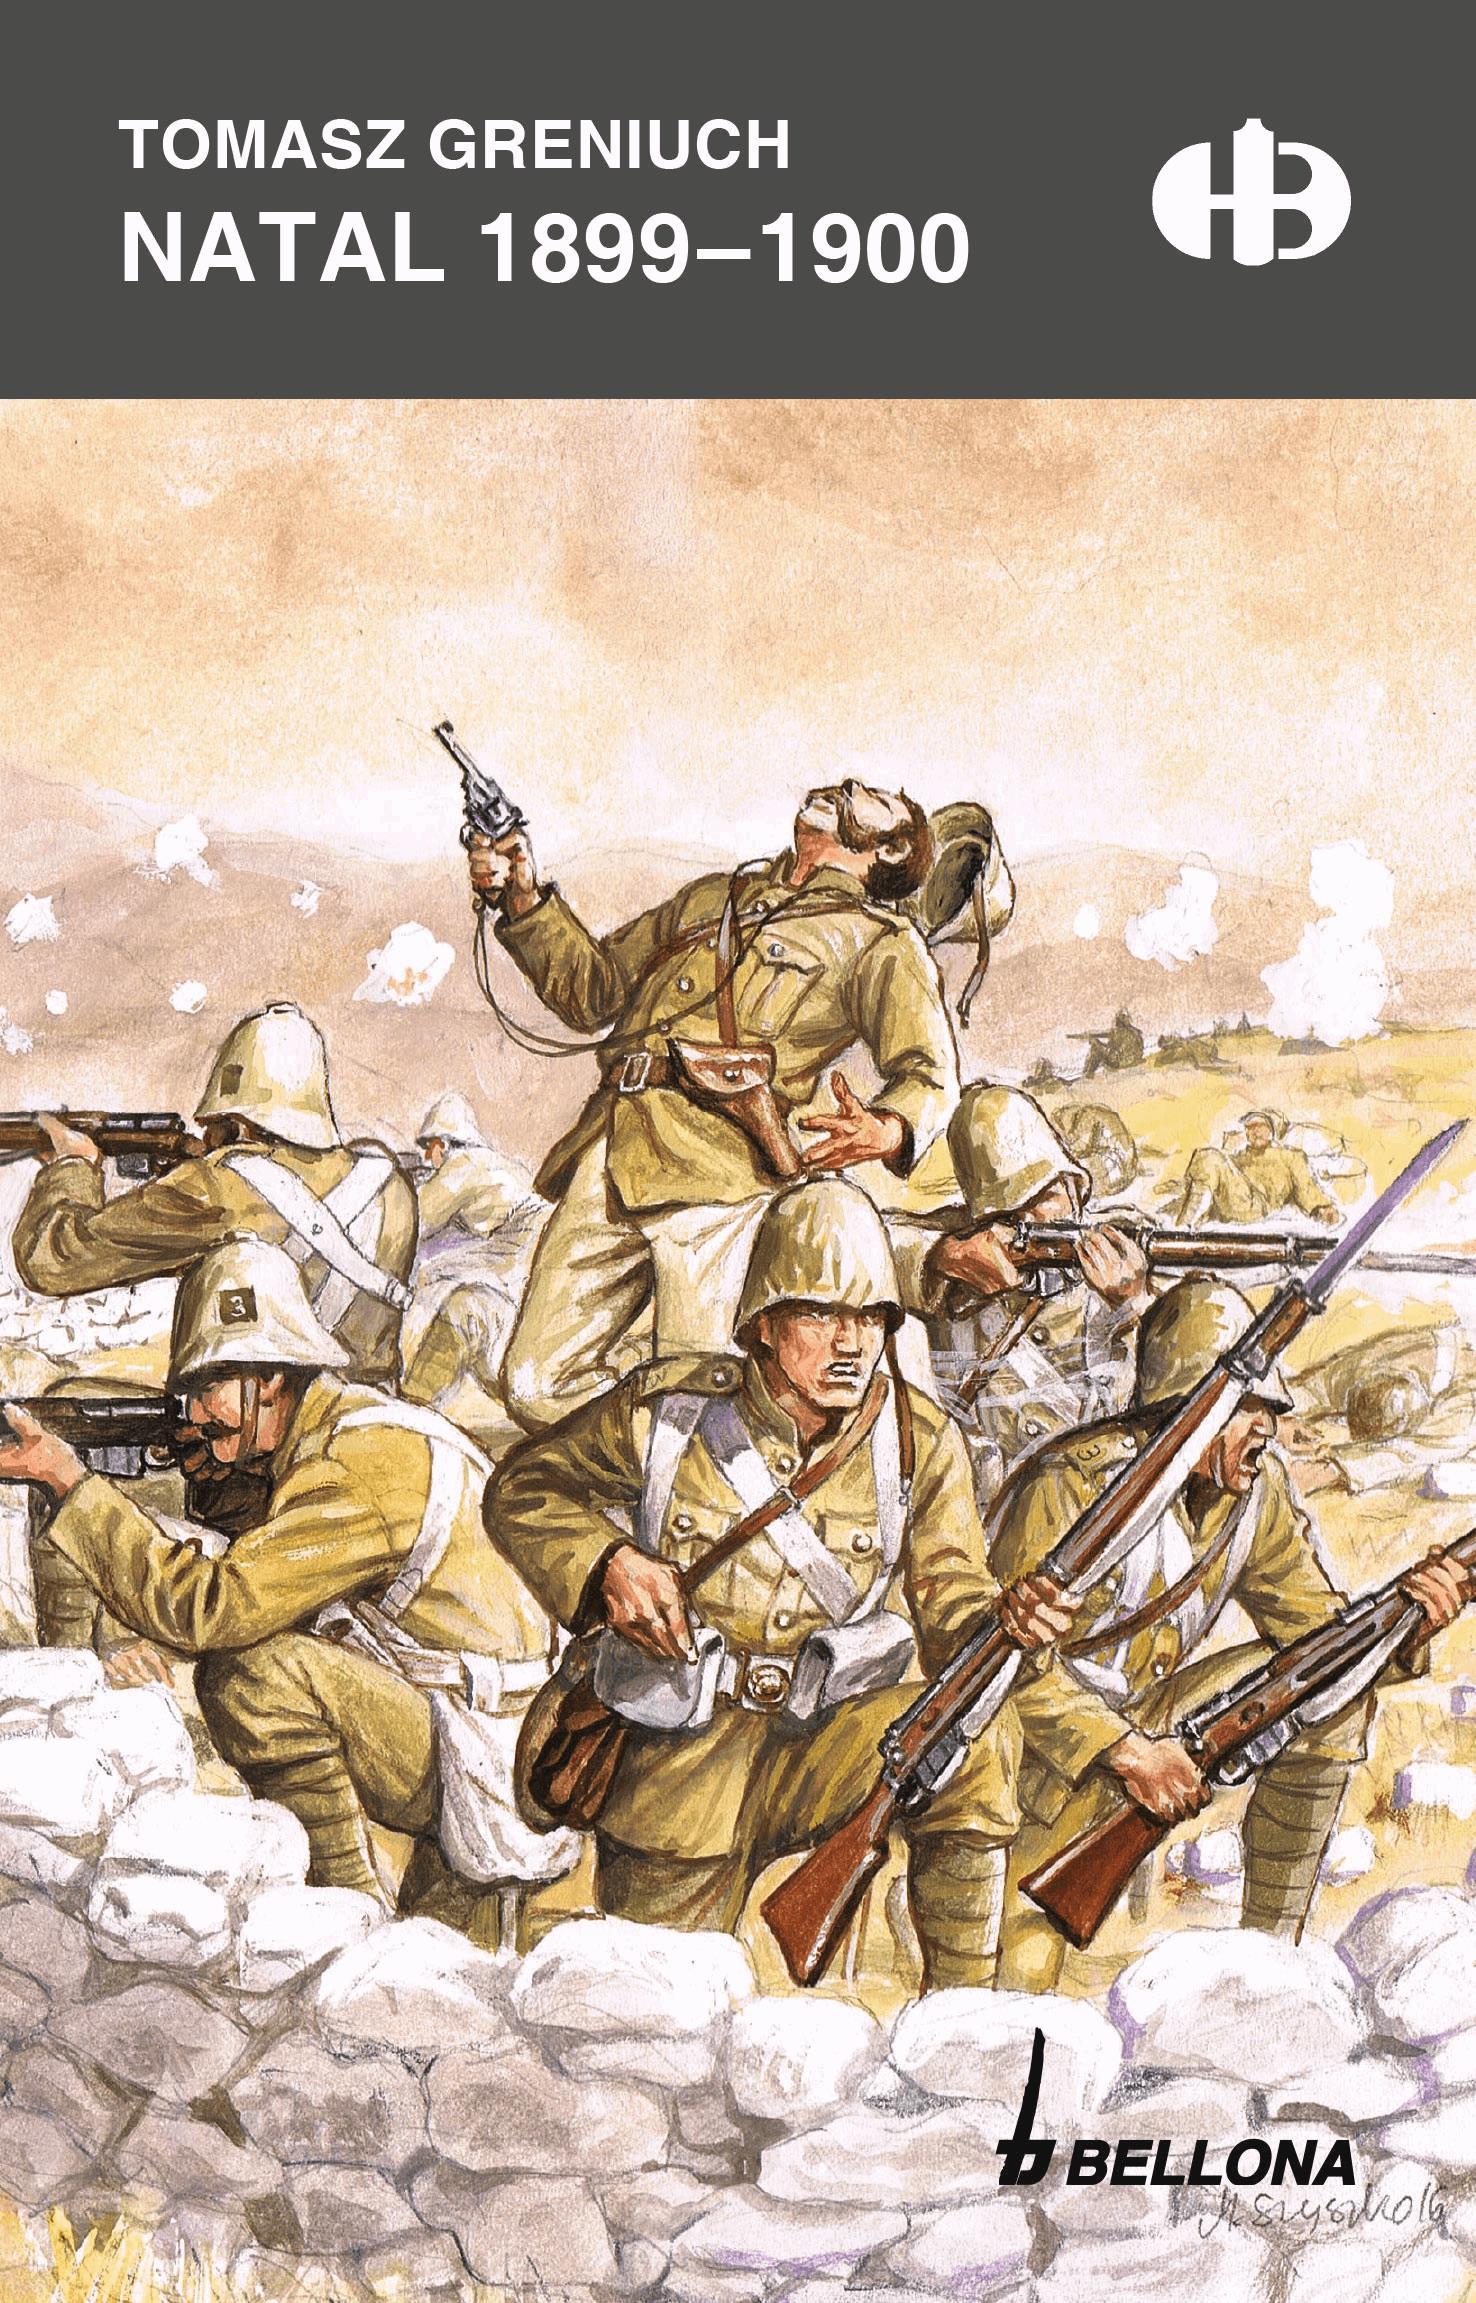 Natal 1899-1900 - Tylko w Legimi możesz przeczytać ten tytuł przez 7 dni za darmo. - Tomasz Greniuch